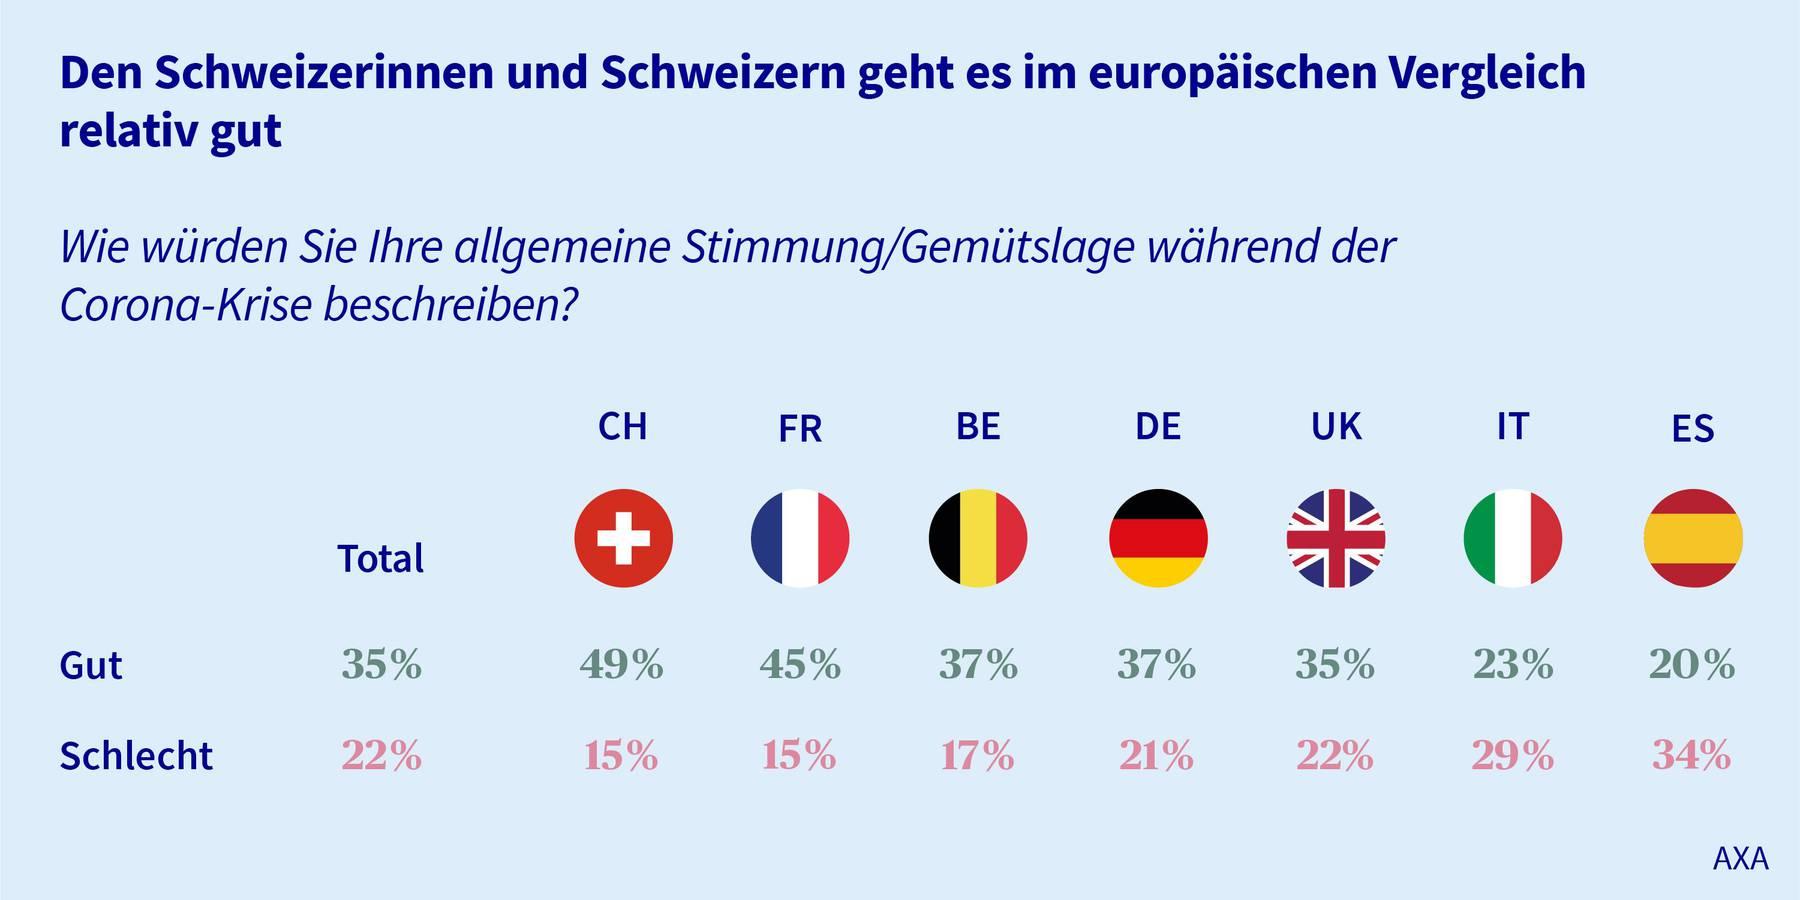 Die Gemütslage der Schweizer Bevölkerung ist besser als in anderen europäischen Ländern.